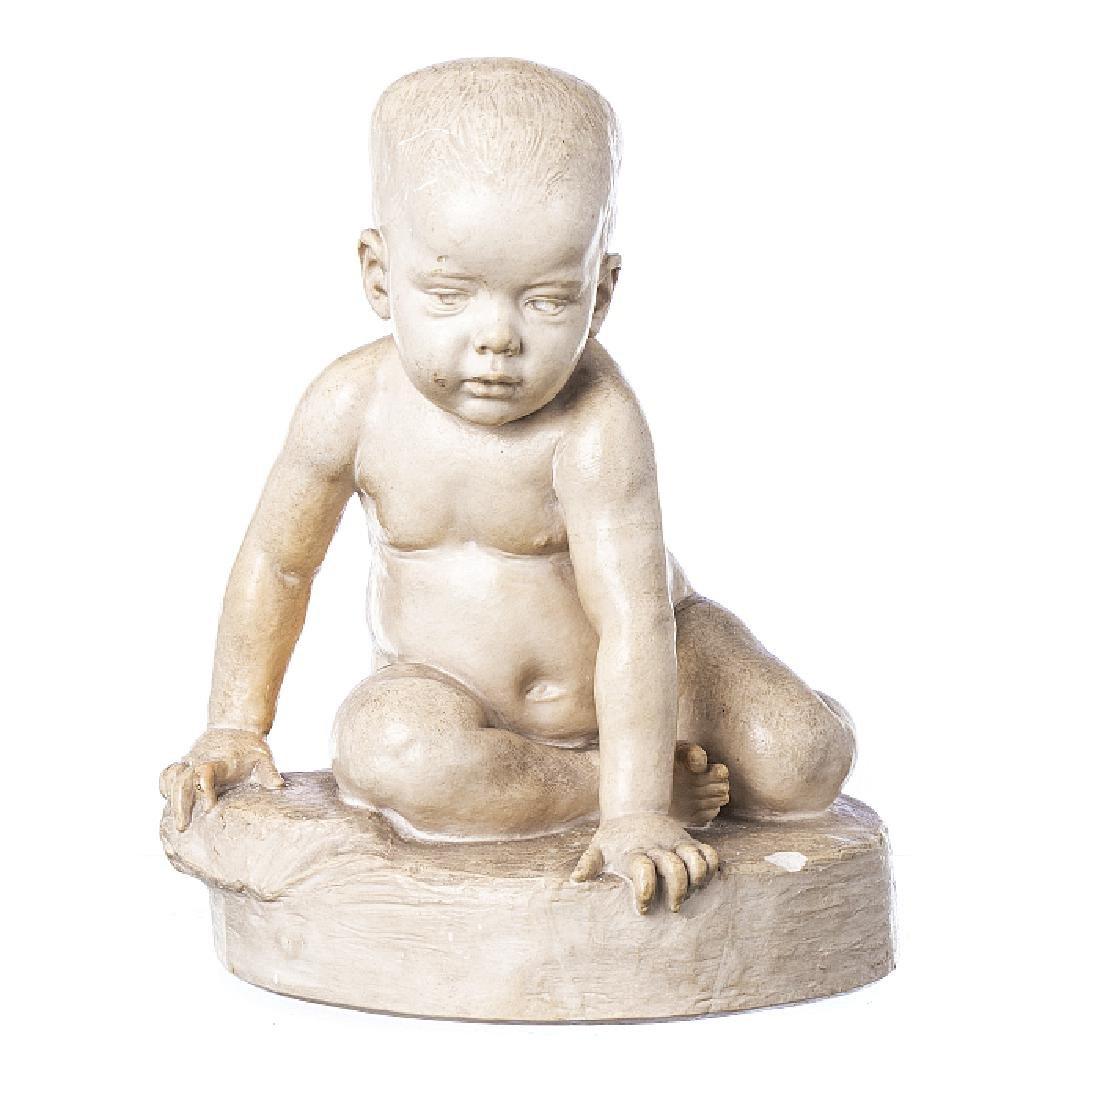 TEIXEIRA LOPES (1866-1942) - Boy